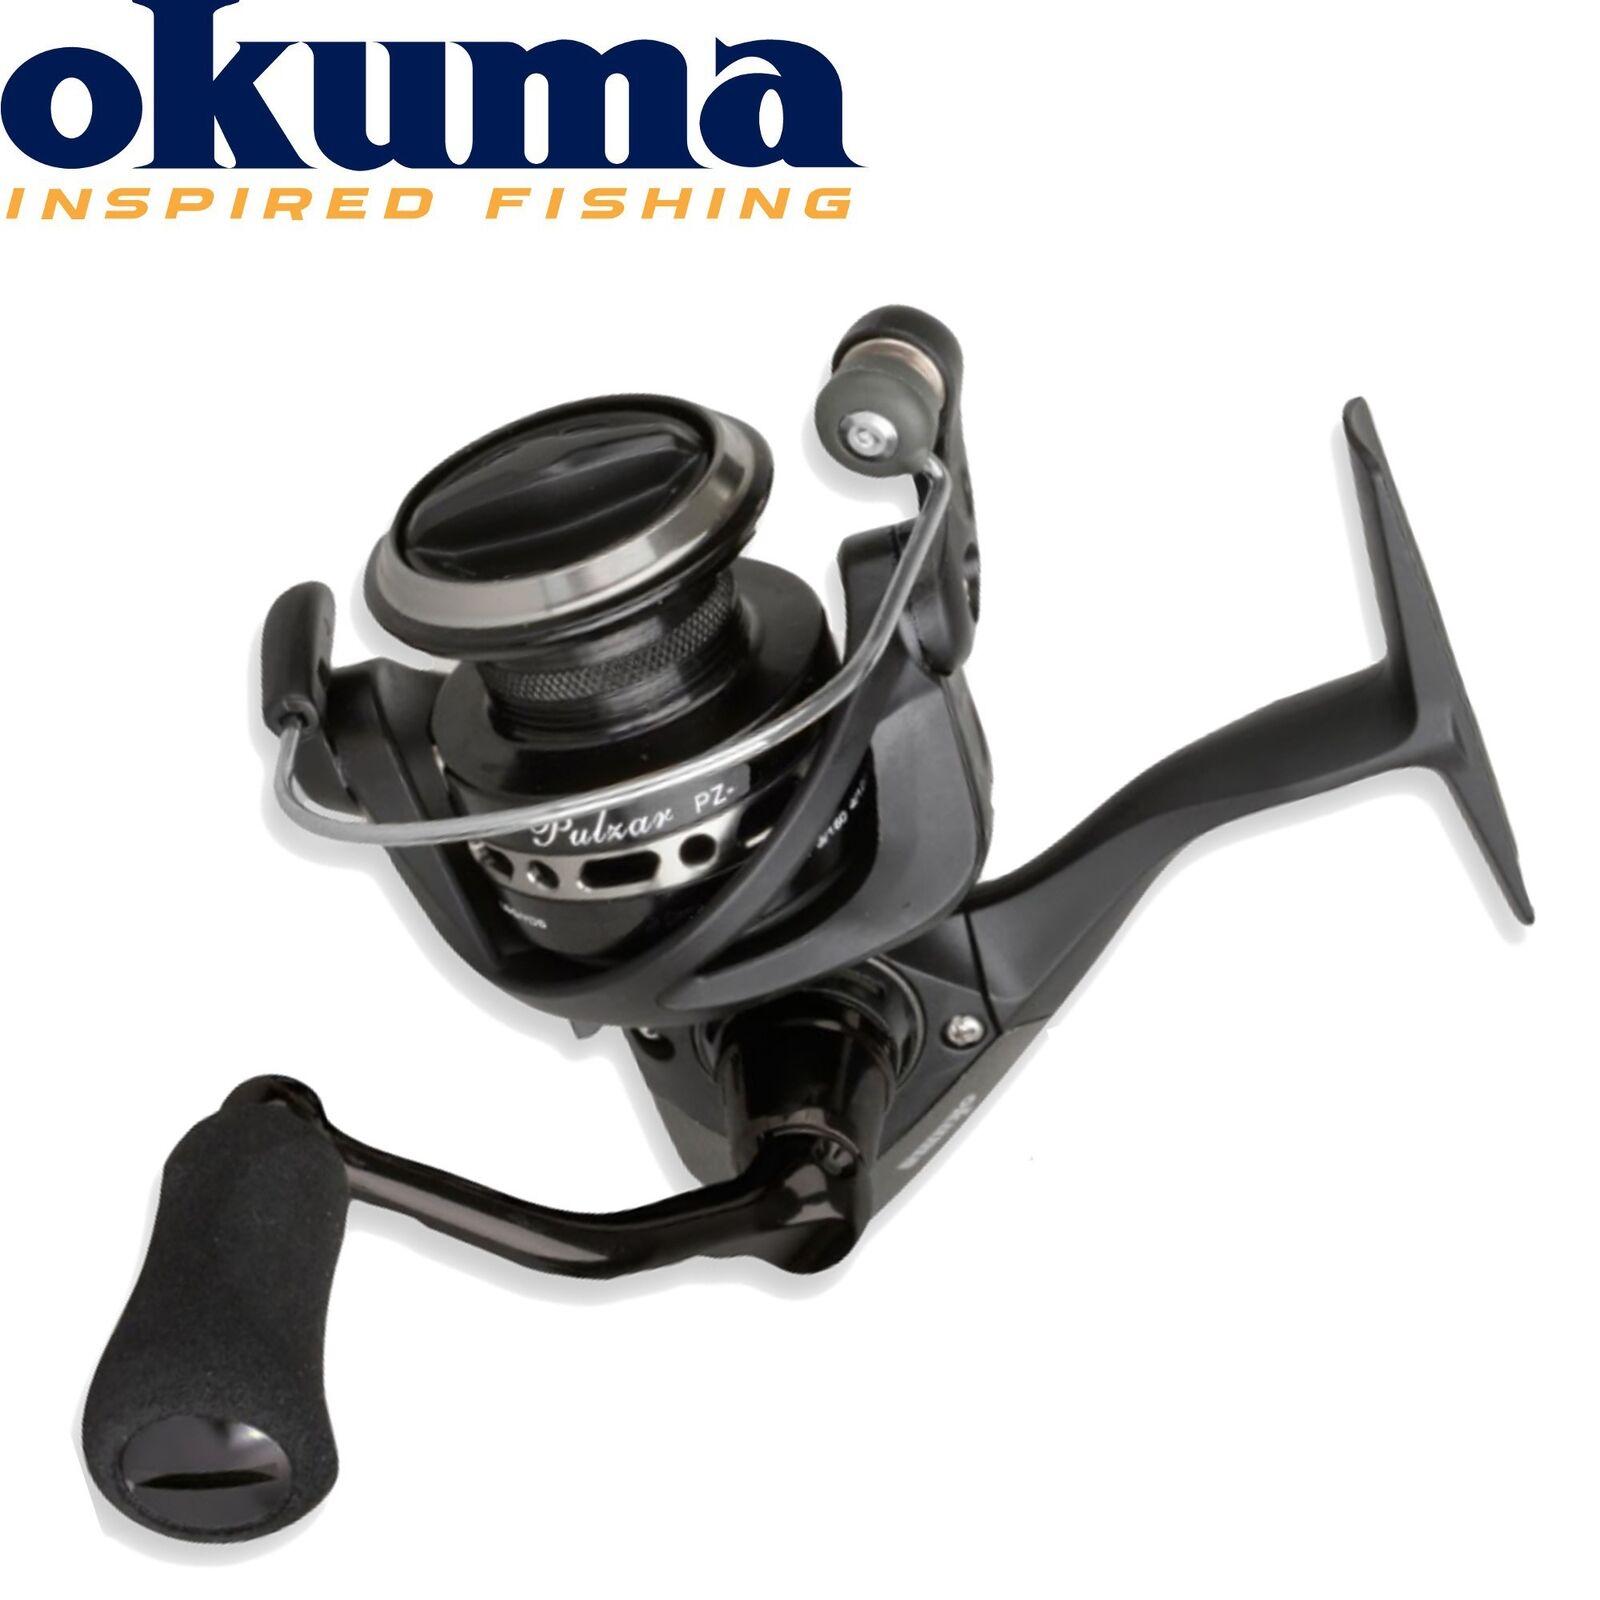 Okuma Pulzar Spinnfischen 40a - Stationärrolle, Hechtrolle, Angelrolle zum Spinnfischen Pulzar 4d031f